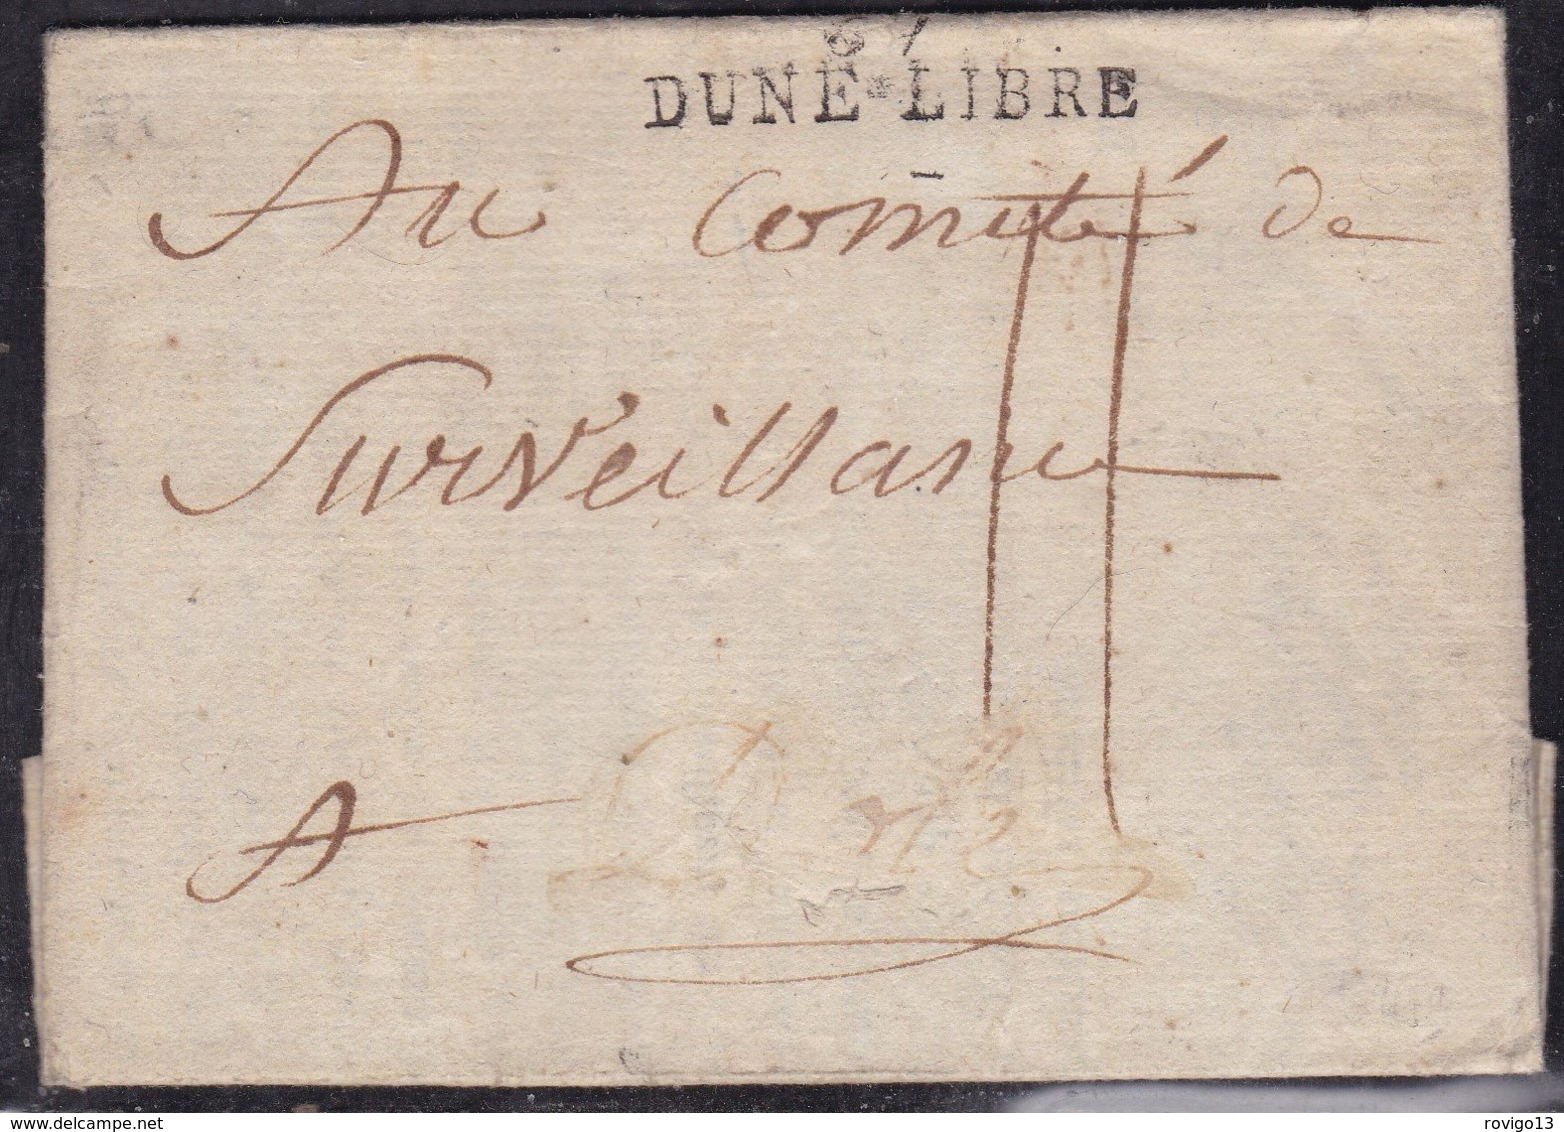 France, Nord - 57/Dune Libre, Nom Révolutionnaire De Dunkerque Sur Imprimé Du Comité Révoluti. De L' An 2 - Indice 17 - 1701-1800: Précurseurs XVIII